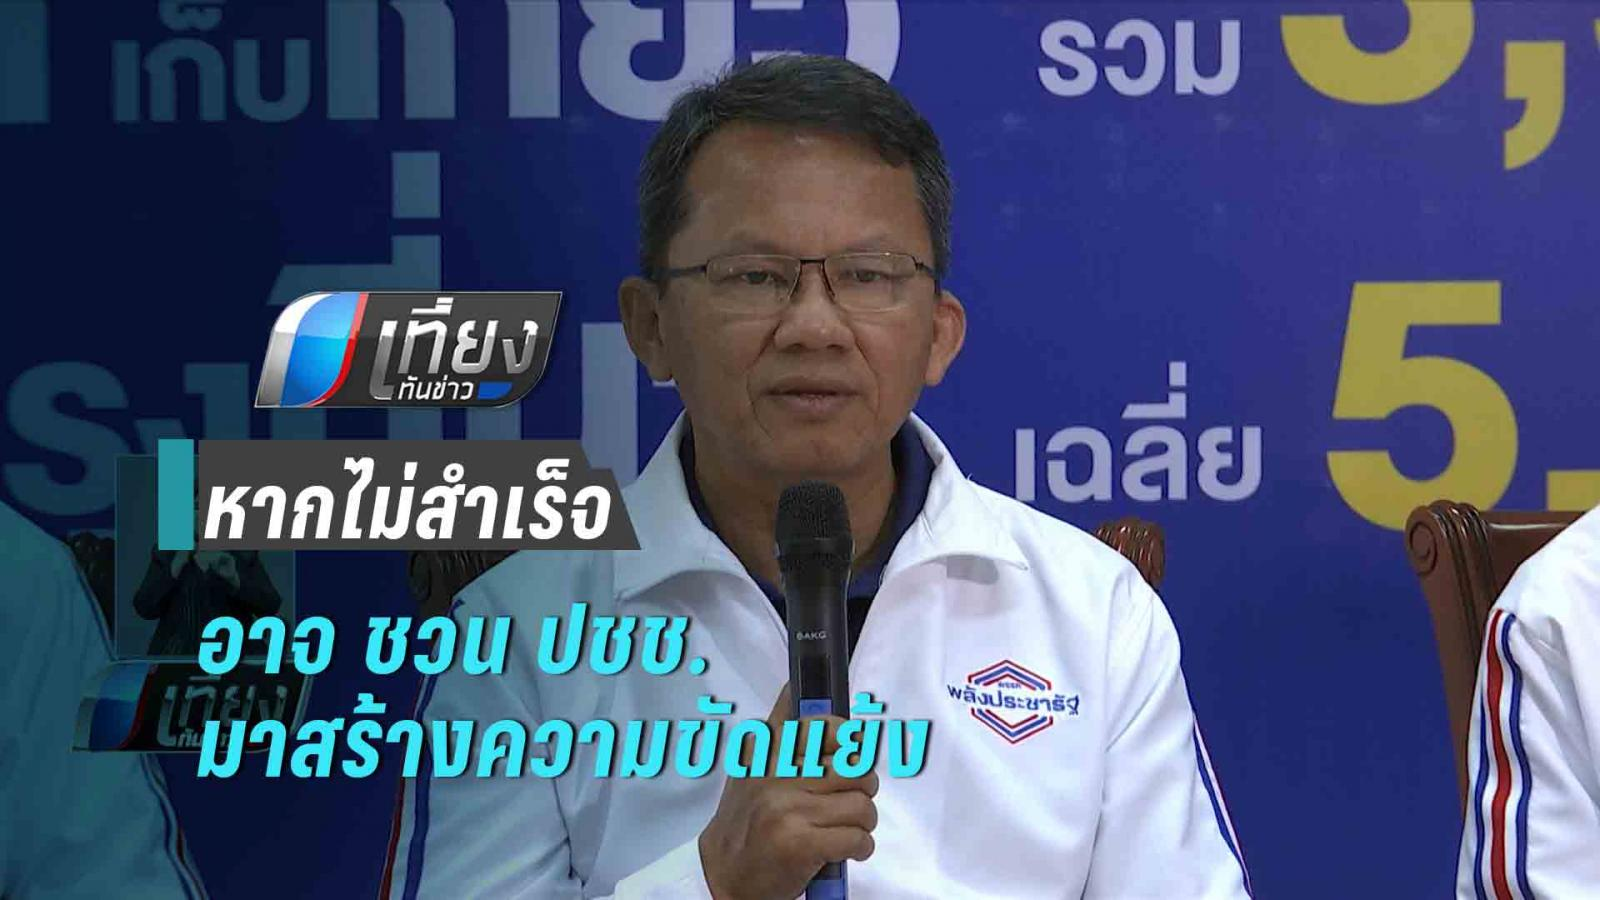 """""""สมศักดิ์""""  อัดเพื่อไทย ตั้งรัฐบาล สู้เฮือกสุดท้าย"""